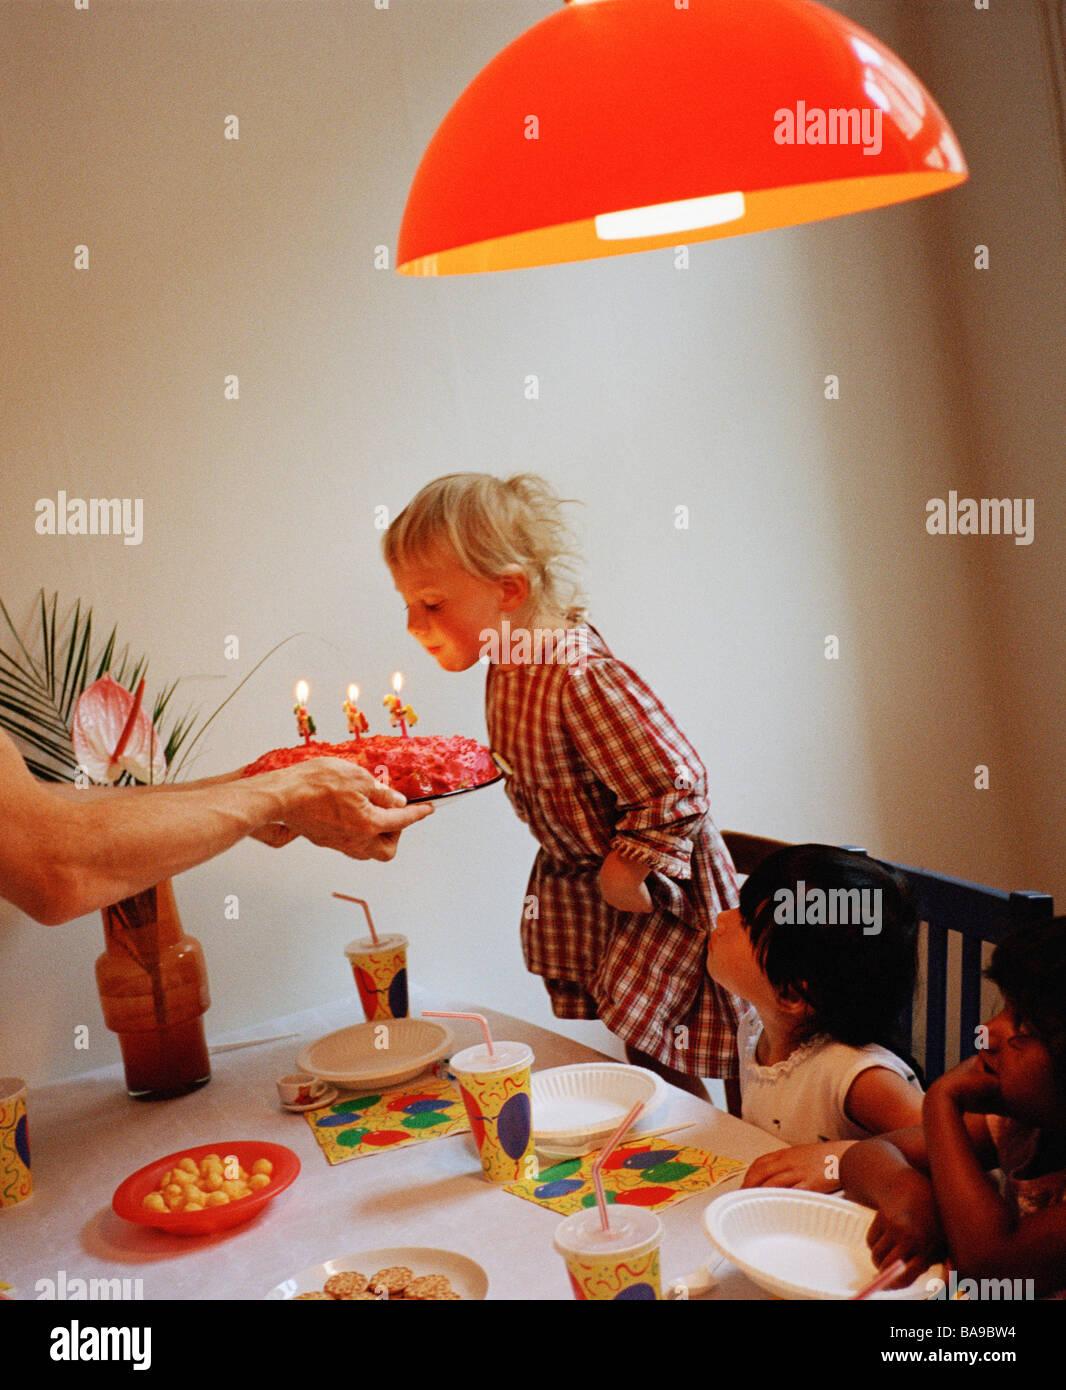 Una niña de tres años con una fiesta de cumpleaños, Suecia. Imagen De Stock